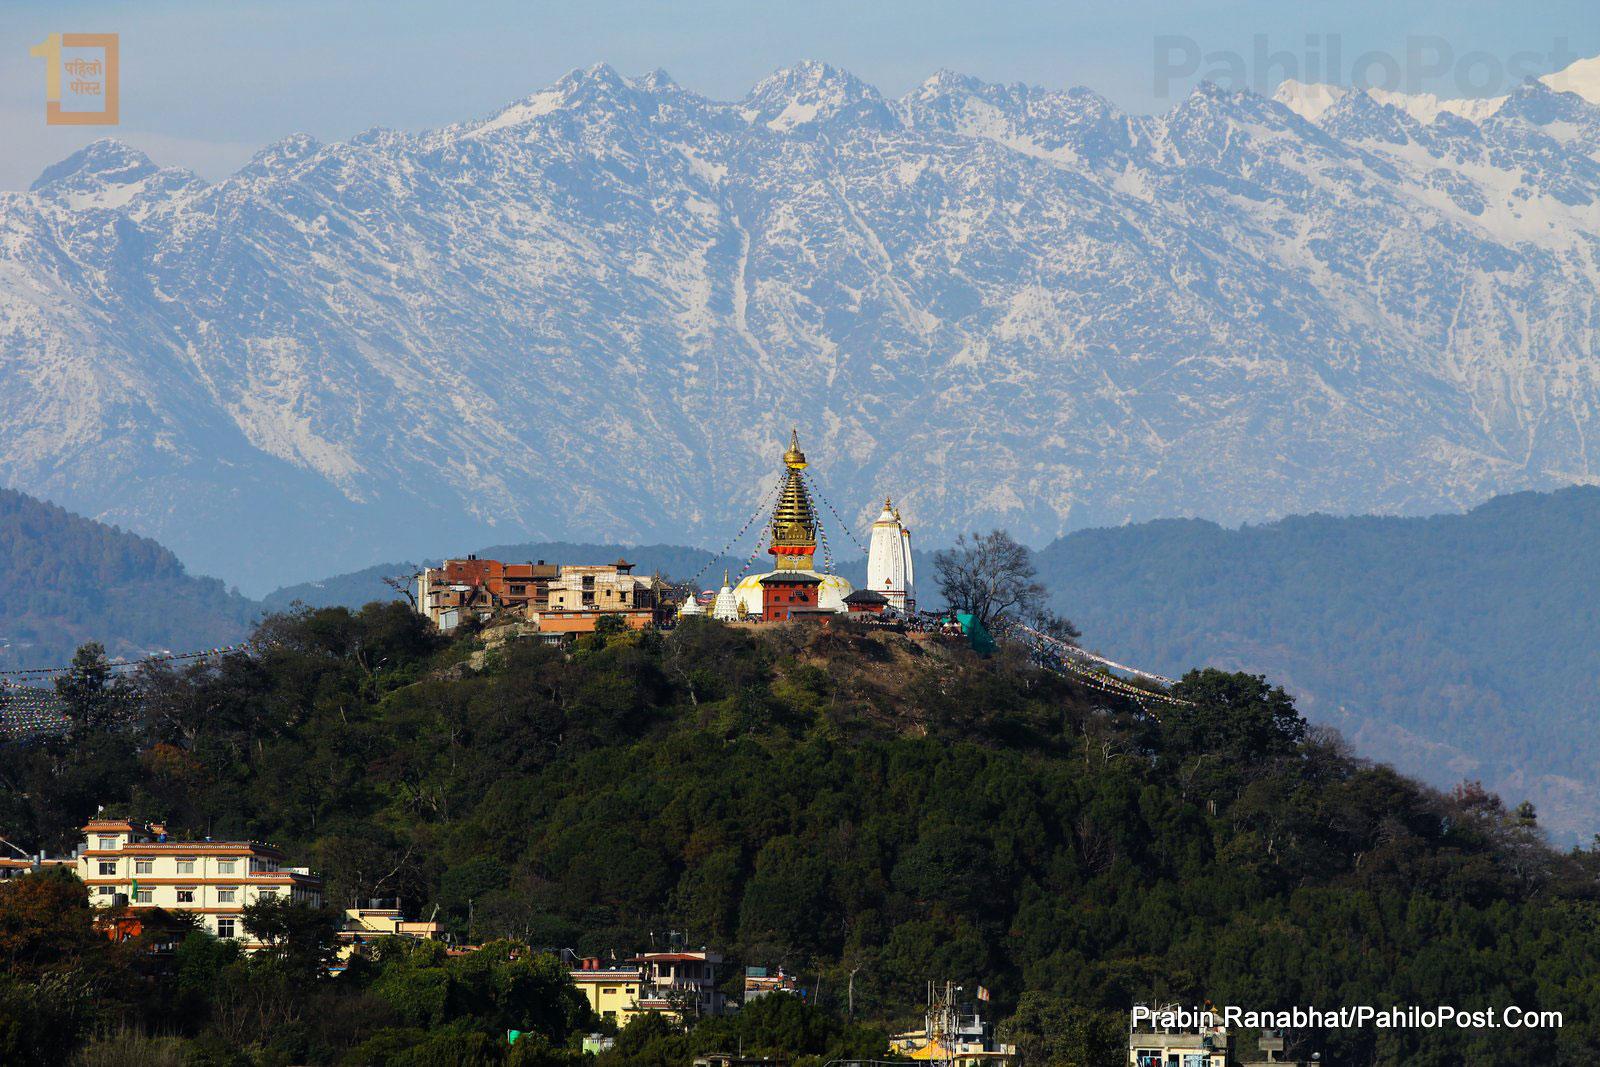 जब आकाश खुल्यो : सधैँ नदेखिने काठमाडौँका सुन्दर १६ फोटो